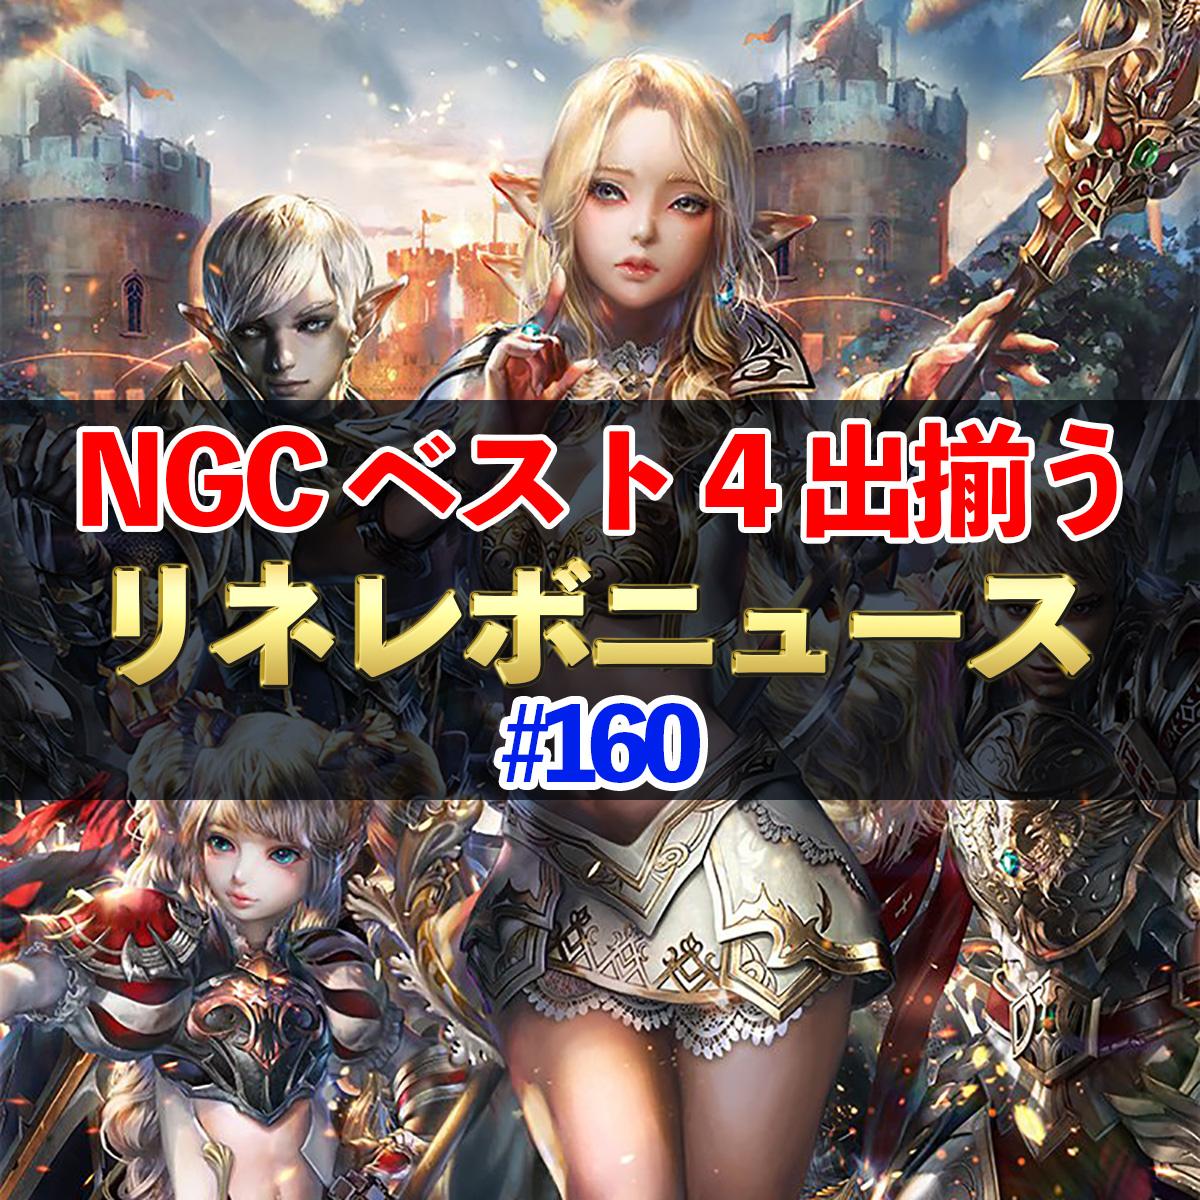 【リネレボ】NGC ベスト4出揃う! #160